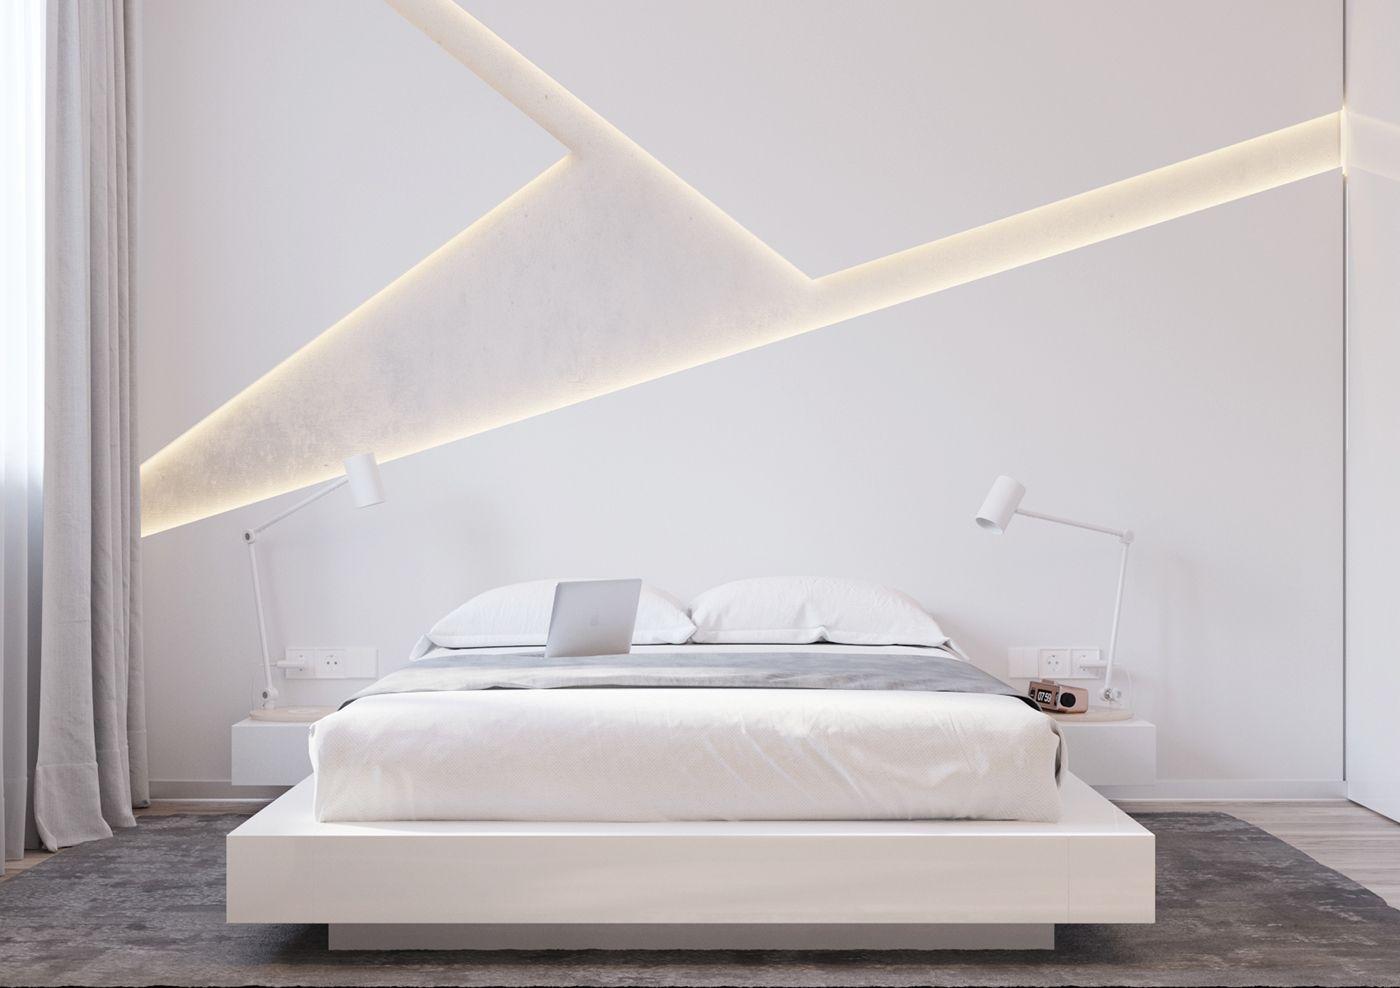 Master bedroom gypsum ceiling  Современная спальня в белых тонах от